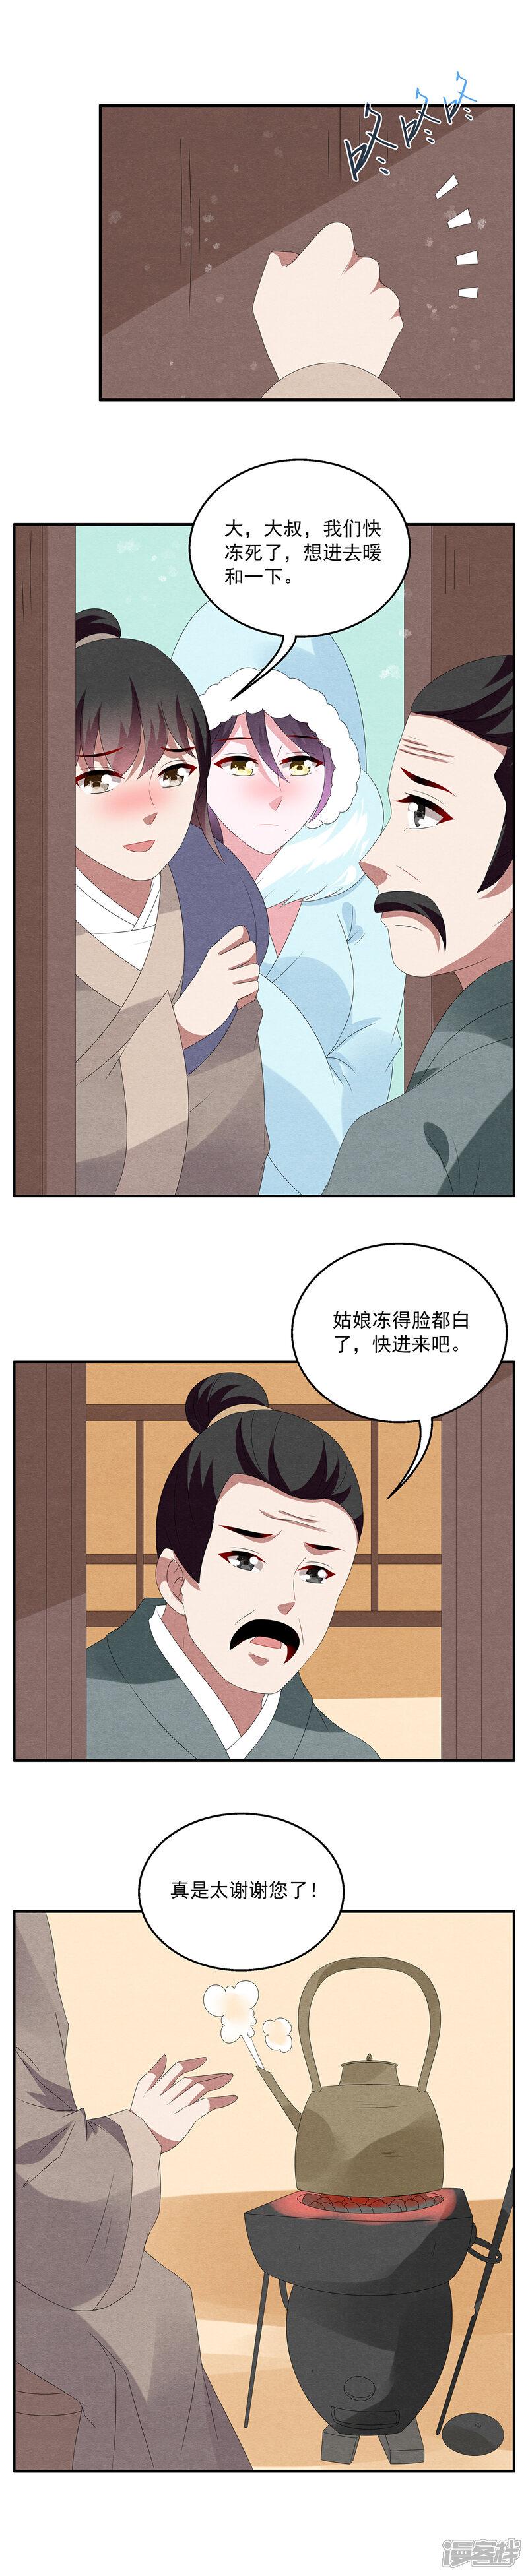 洛小妖88890005.JPG